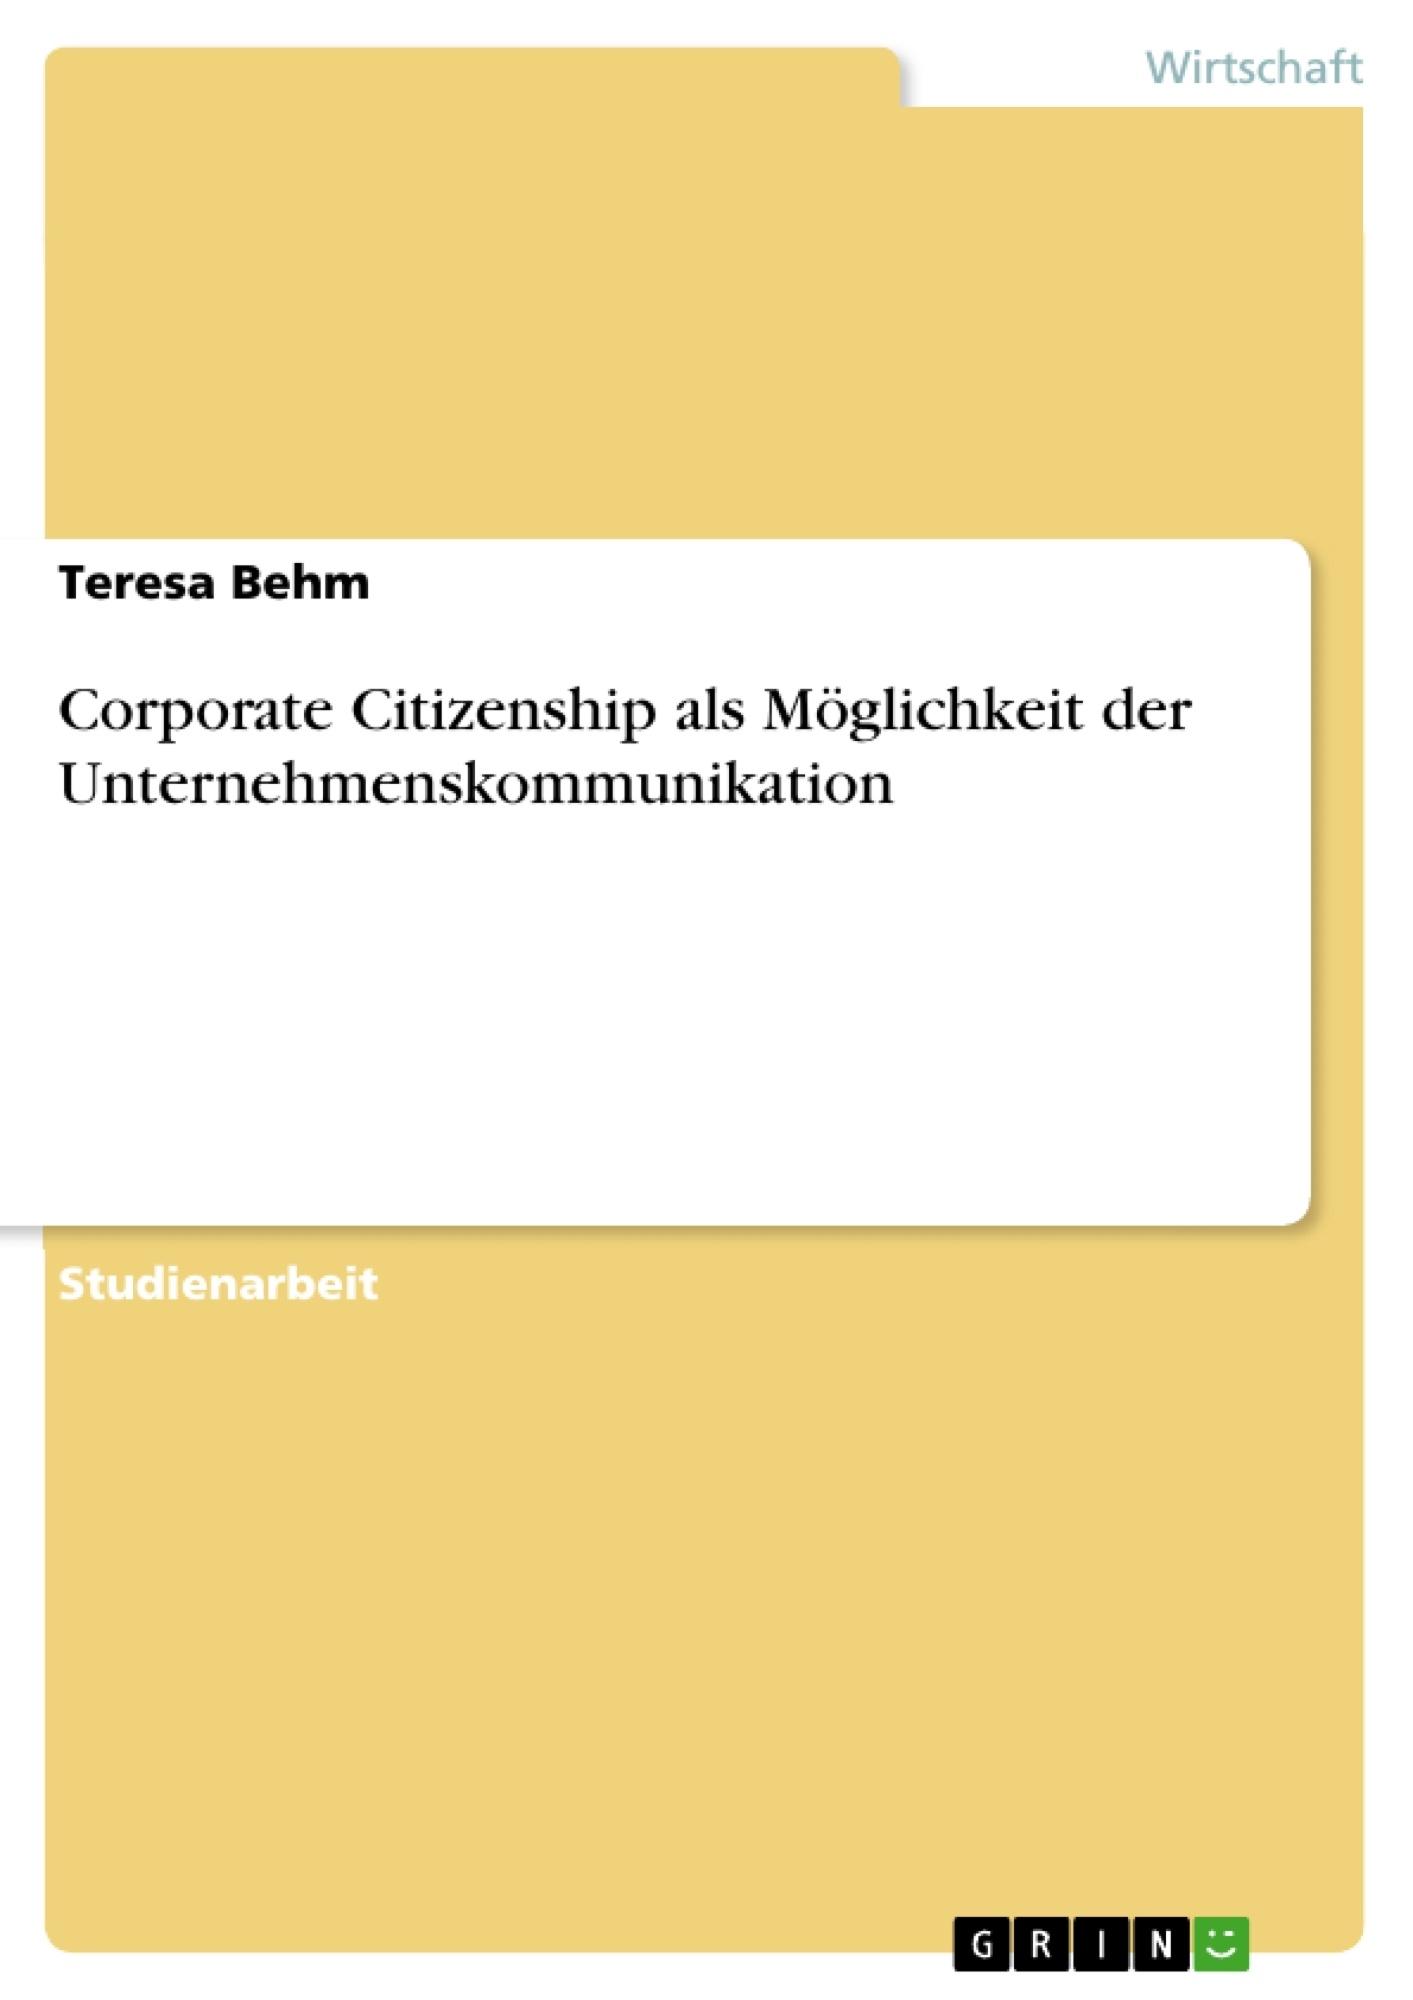 Titel: Corporate Citizenship als Möglichkeit der Unternehmenskommunikation